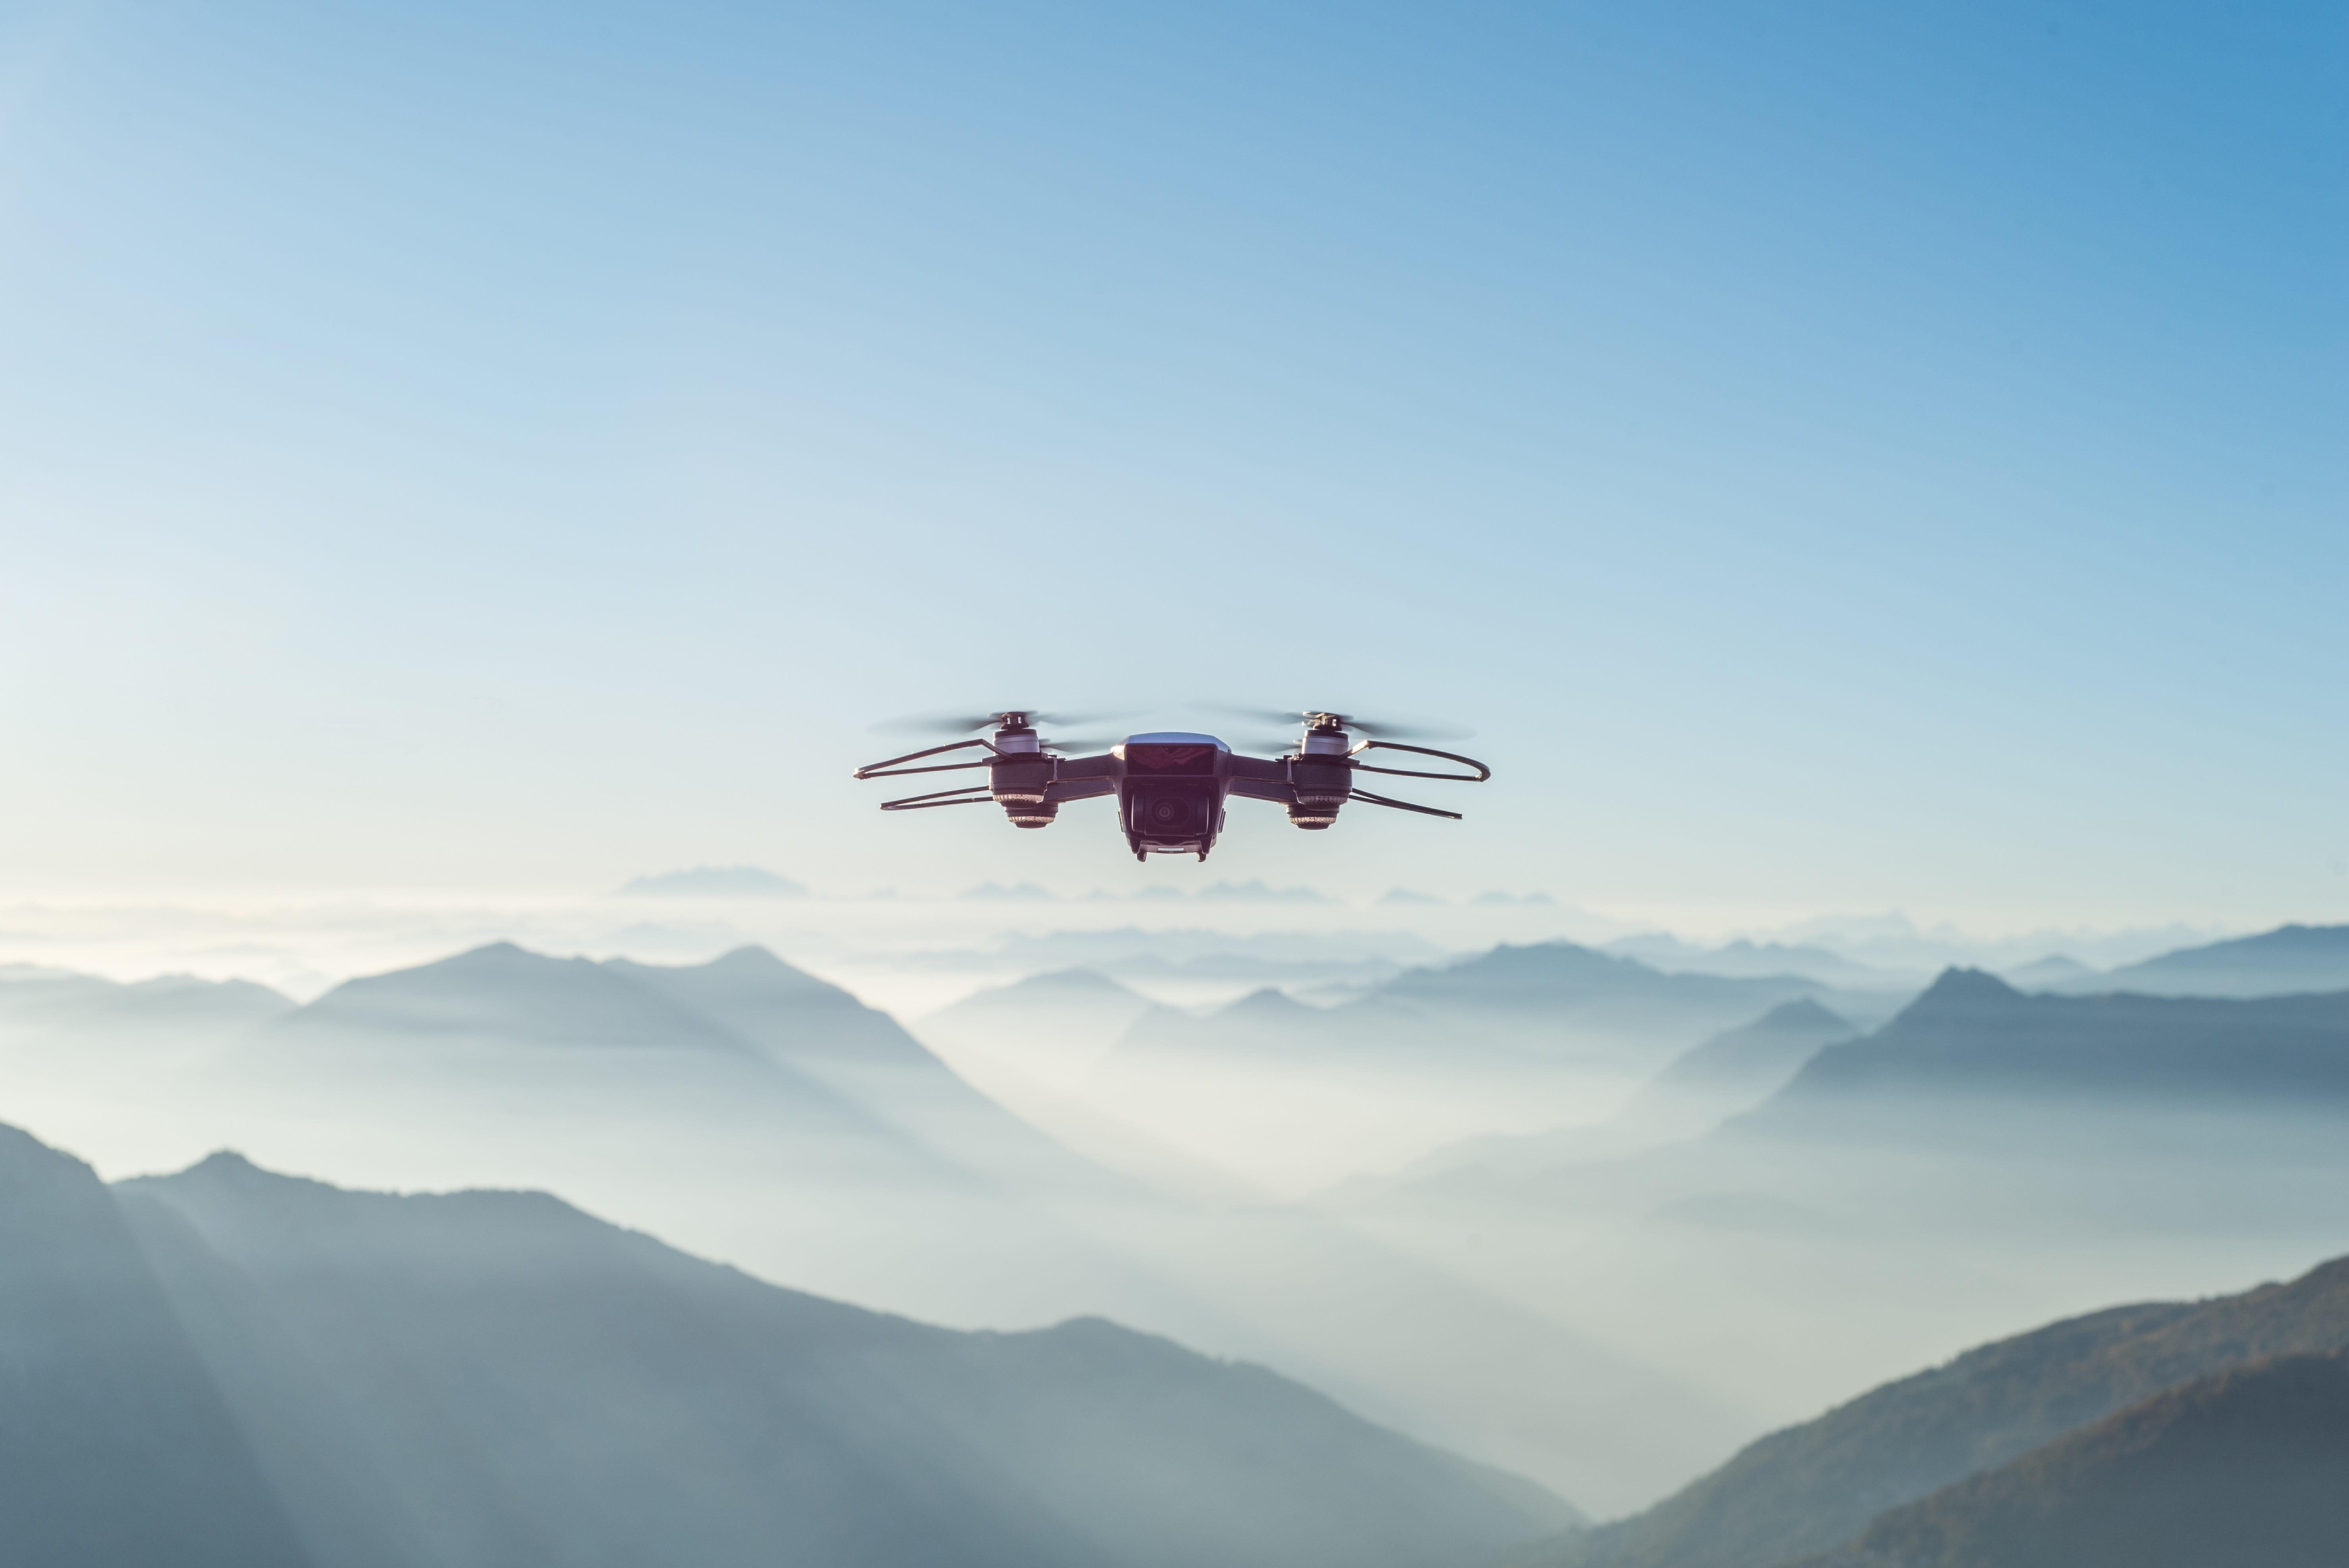 在山景中四個螺旋槳在雲端飛翔